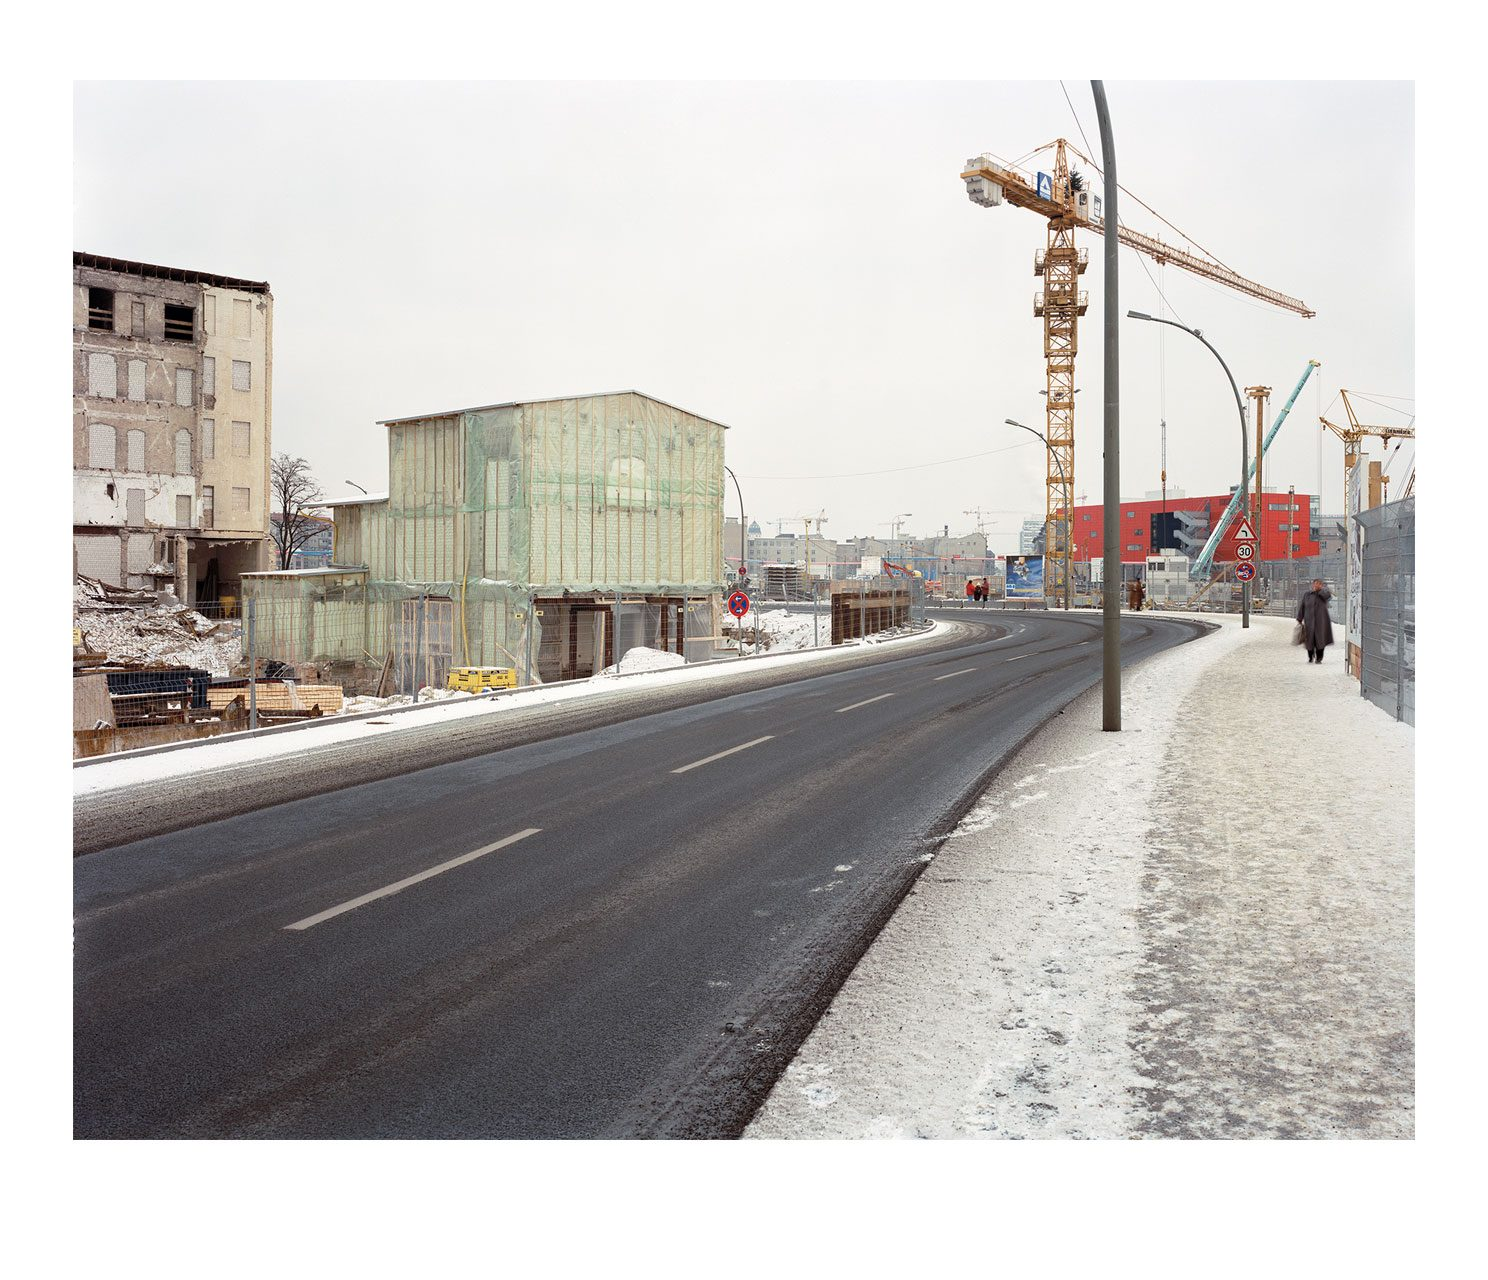 Stadt #11, freigelegter Kaisersaal, Potsdamer Platz, 1996